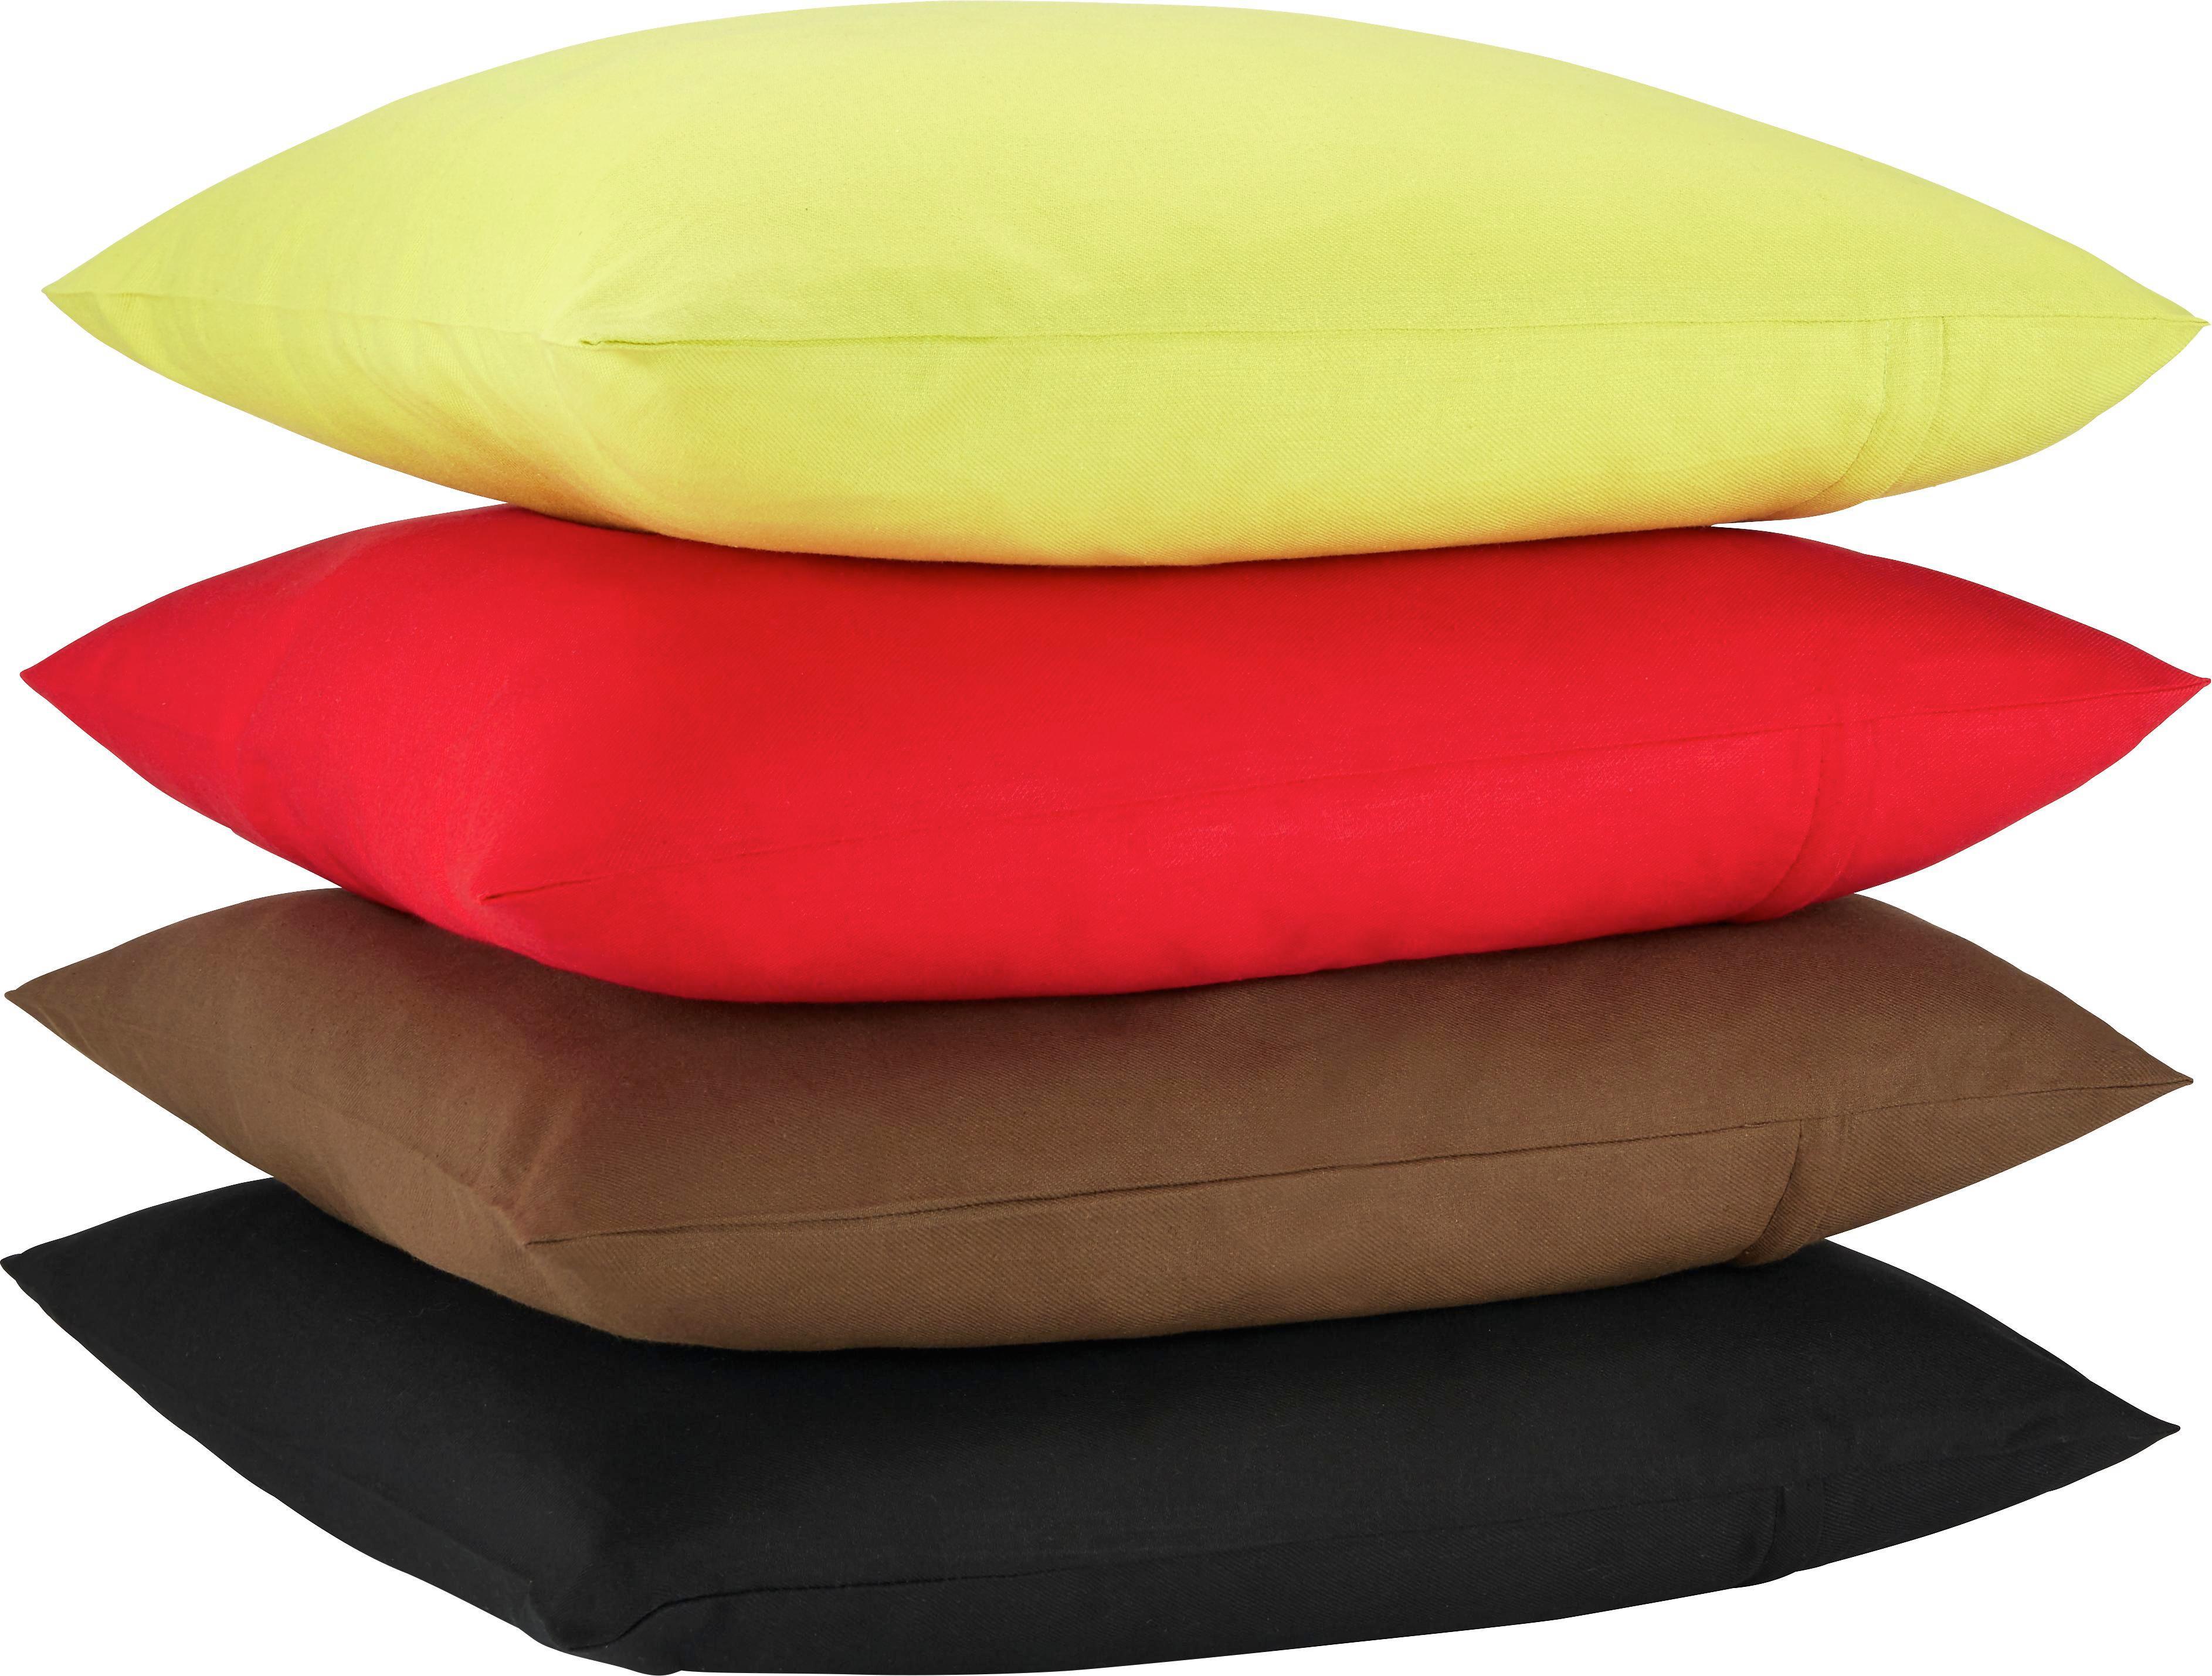 Zierkissen Zippmex in Rot, ca. 50x50cm - Rot, Textil (50/50cm) - BASED